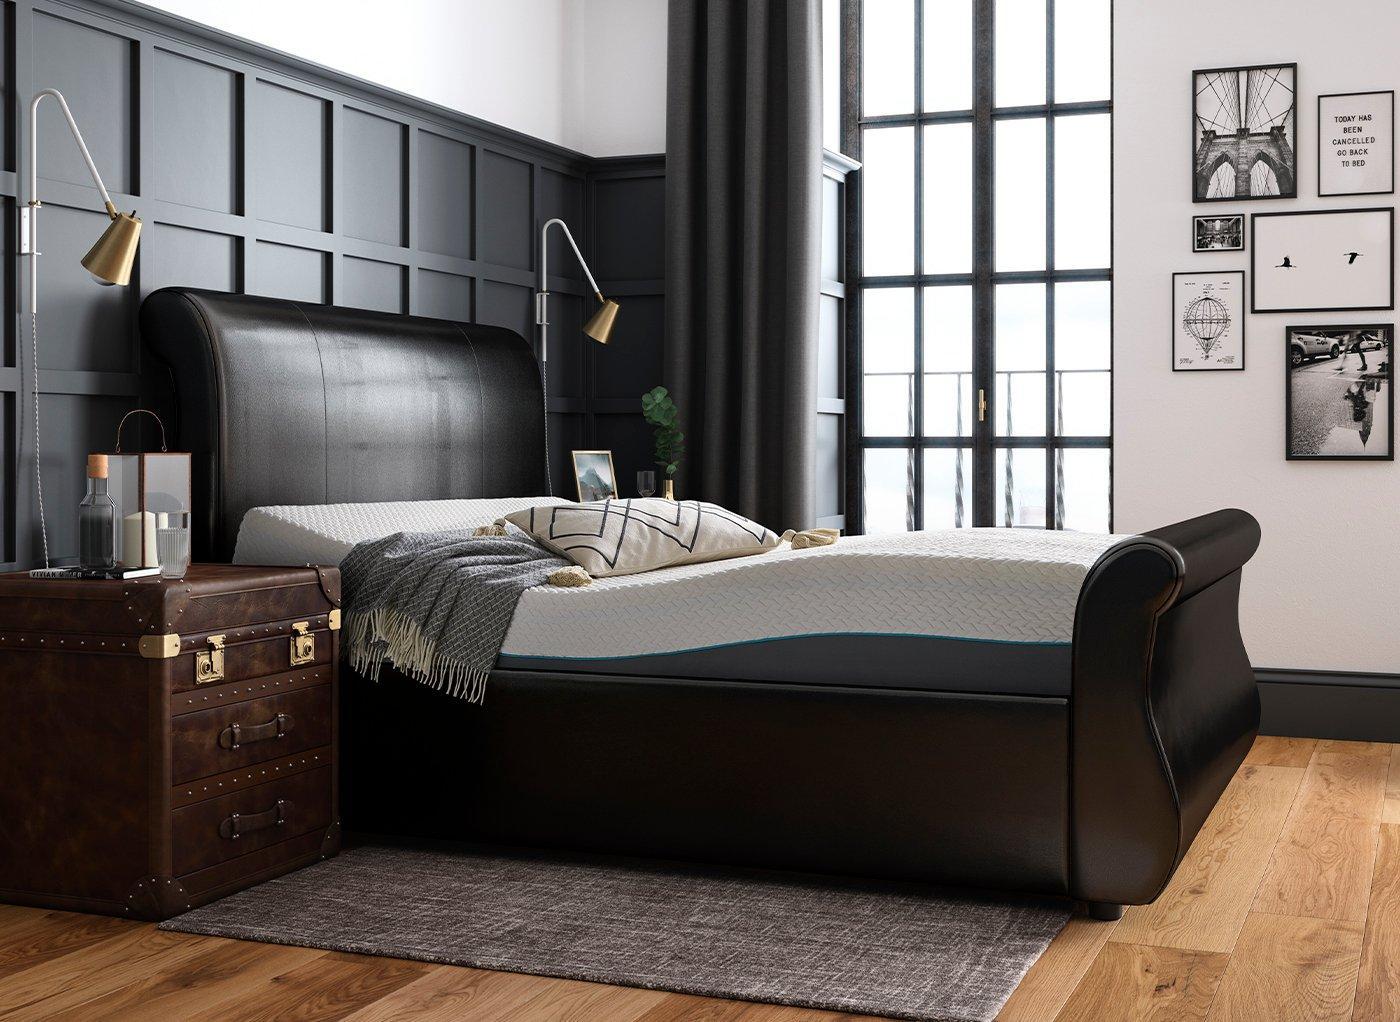 Detroit Sleepmotion 200i Adjustable Upholstered Bed Frame 5'0 King BROWN